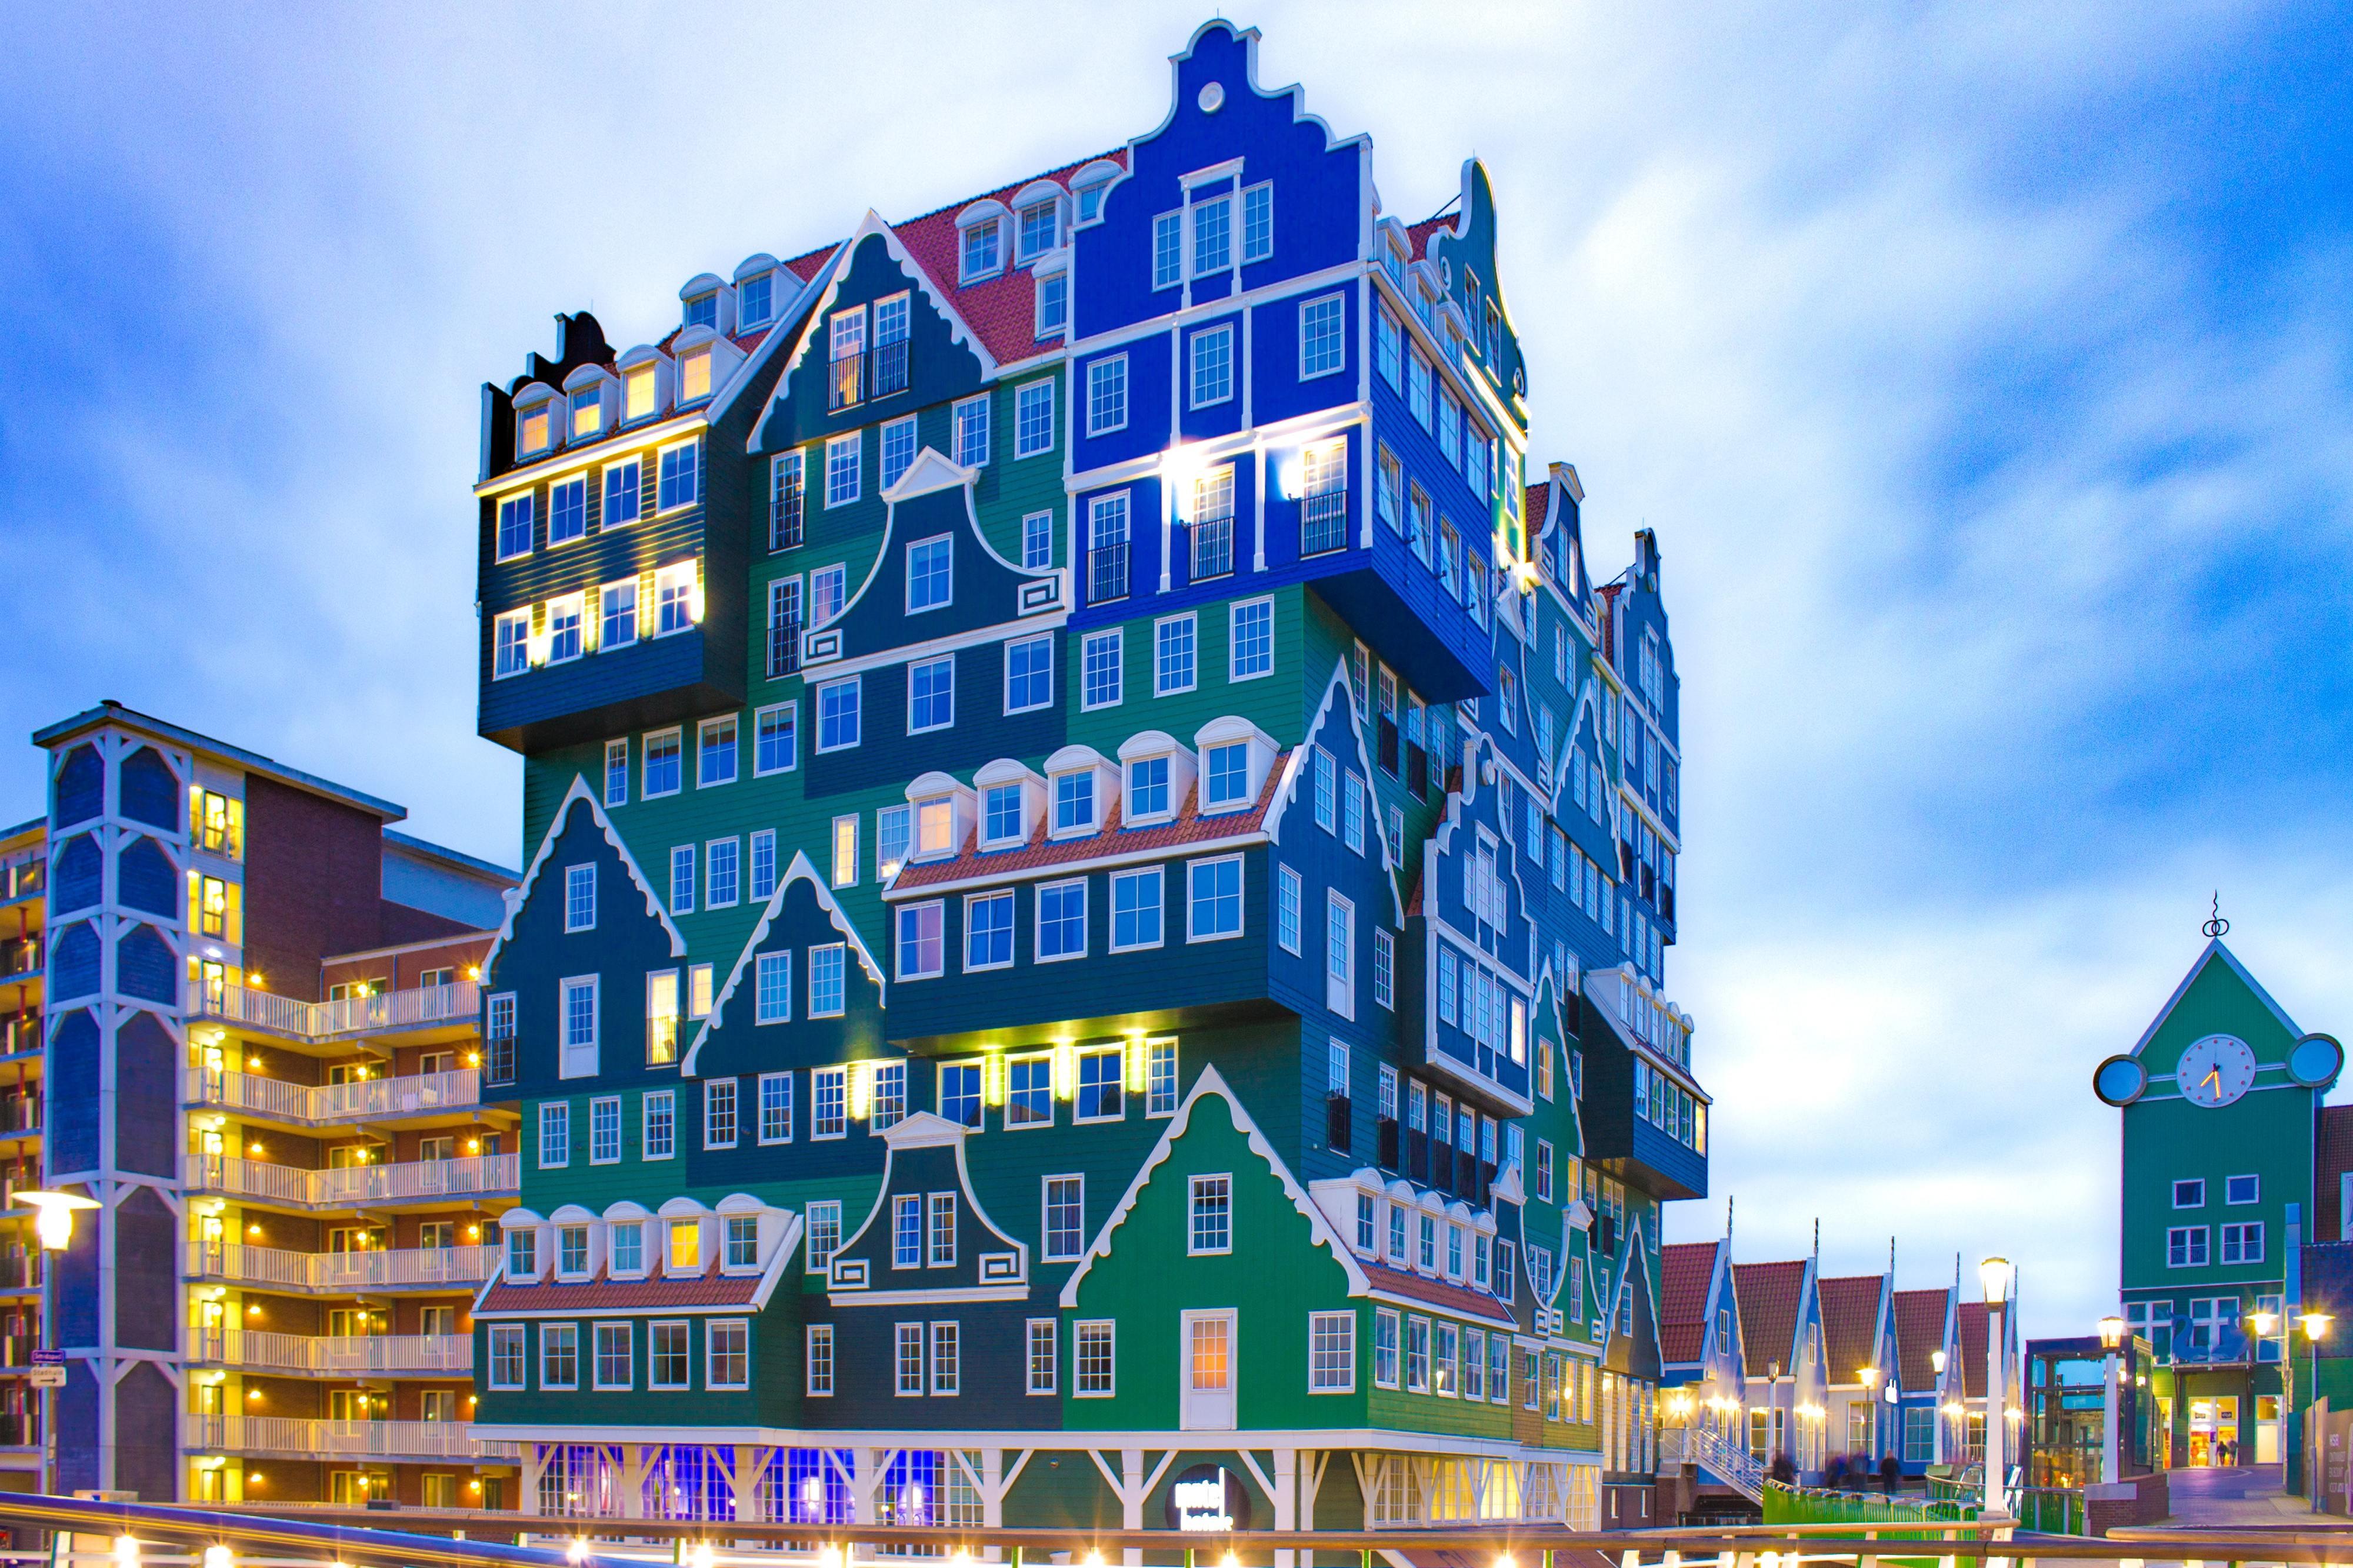 Este hotel é composto por 70 casas verdes e uma casa azul